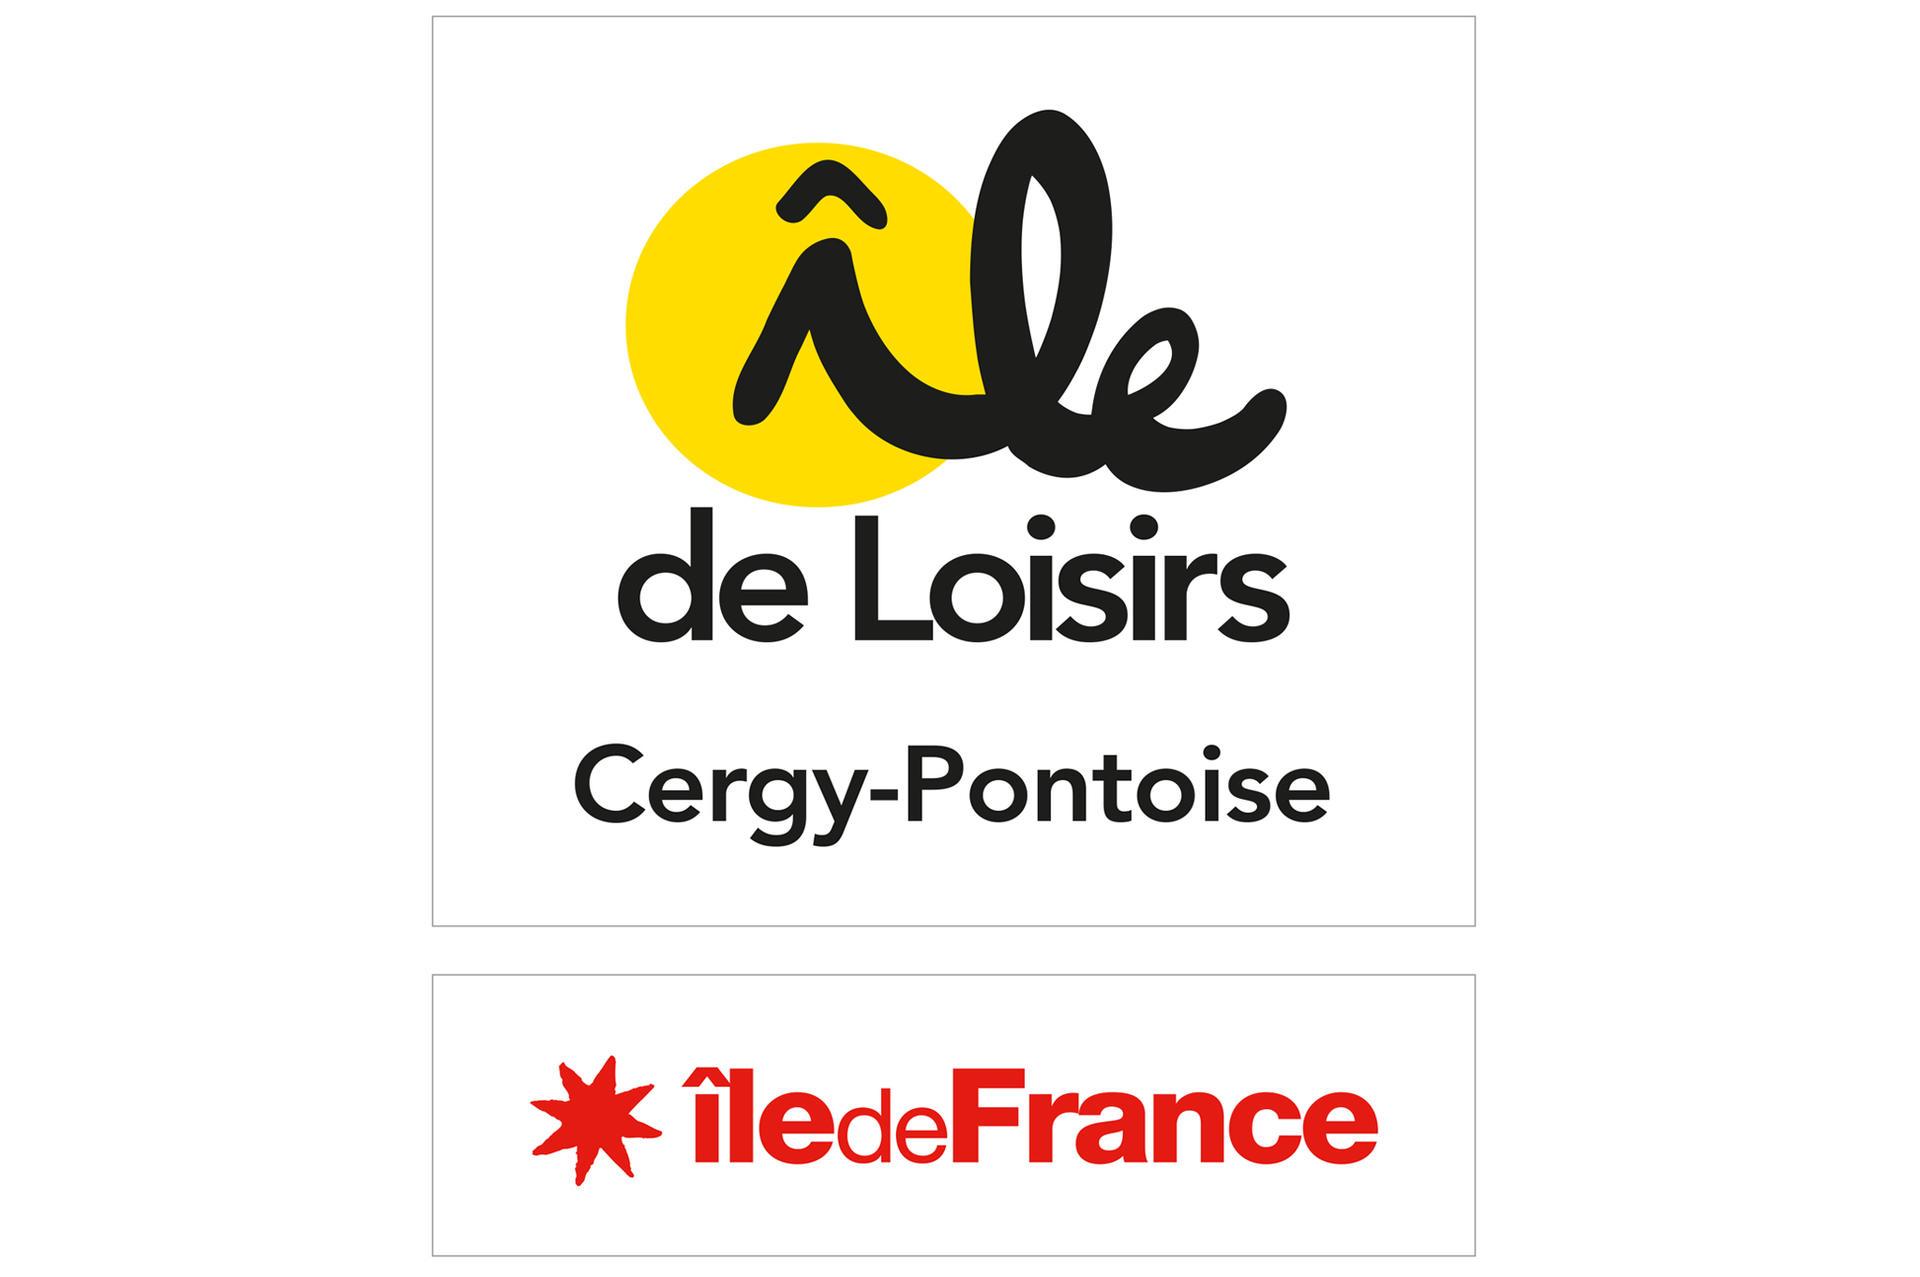 BASE DE LOISIRS DE CERGY PONTOISE